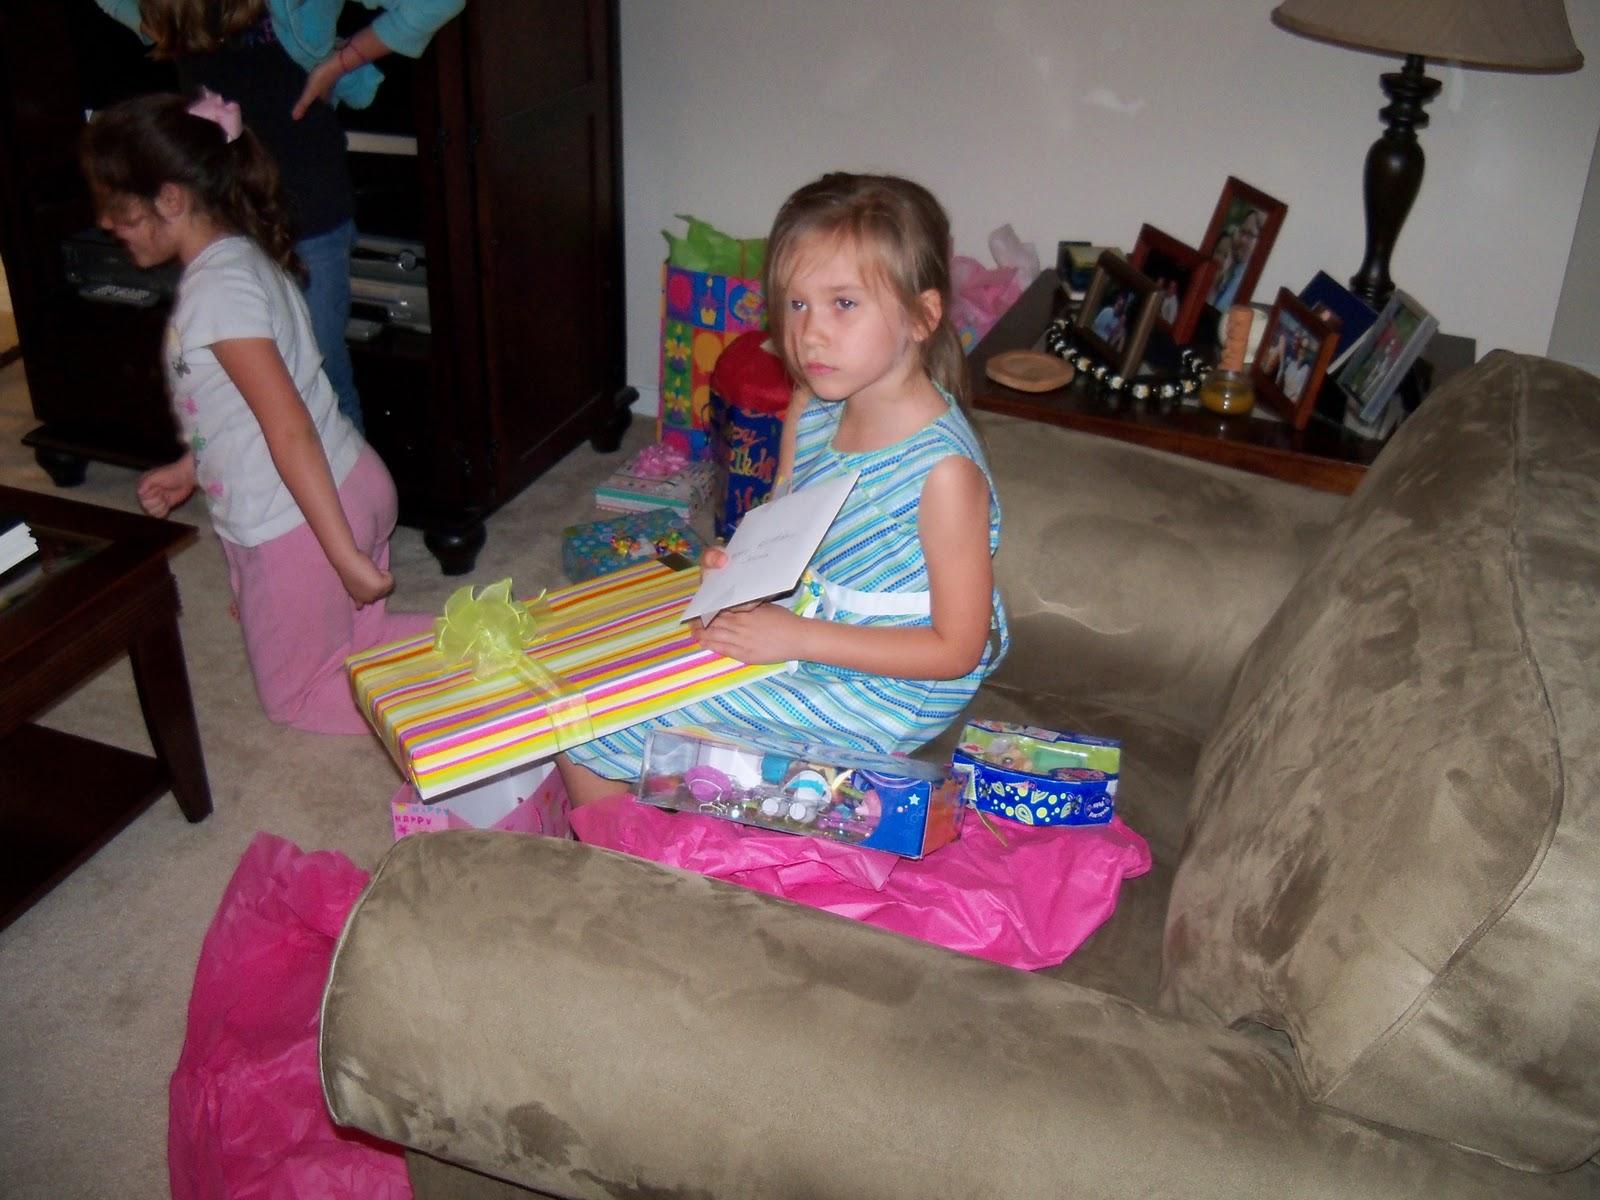 Corinas Birthday Party 2010 - 101_0759.JPG